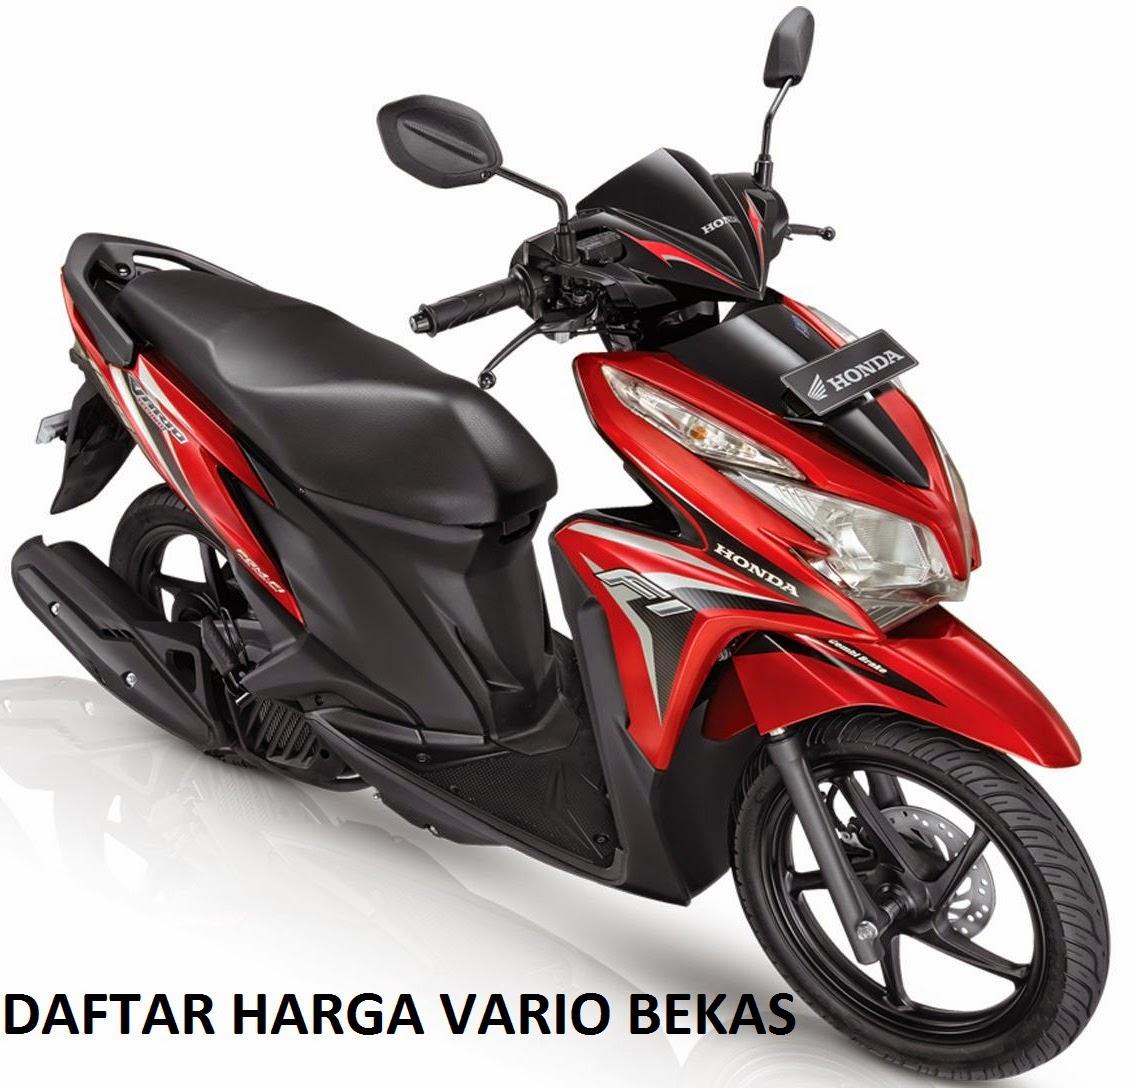 Daftar Harga Motor Bekas Daerah Malang | Foto Bugil 2017